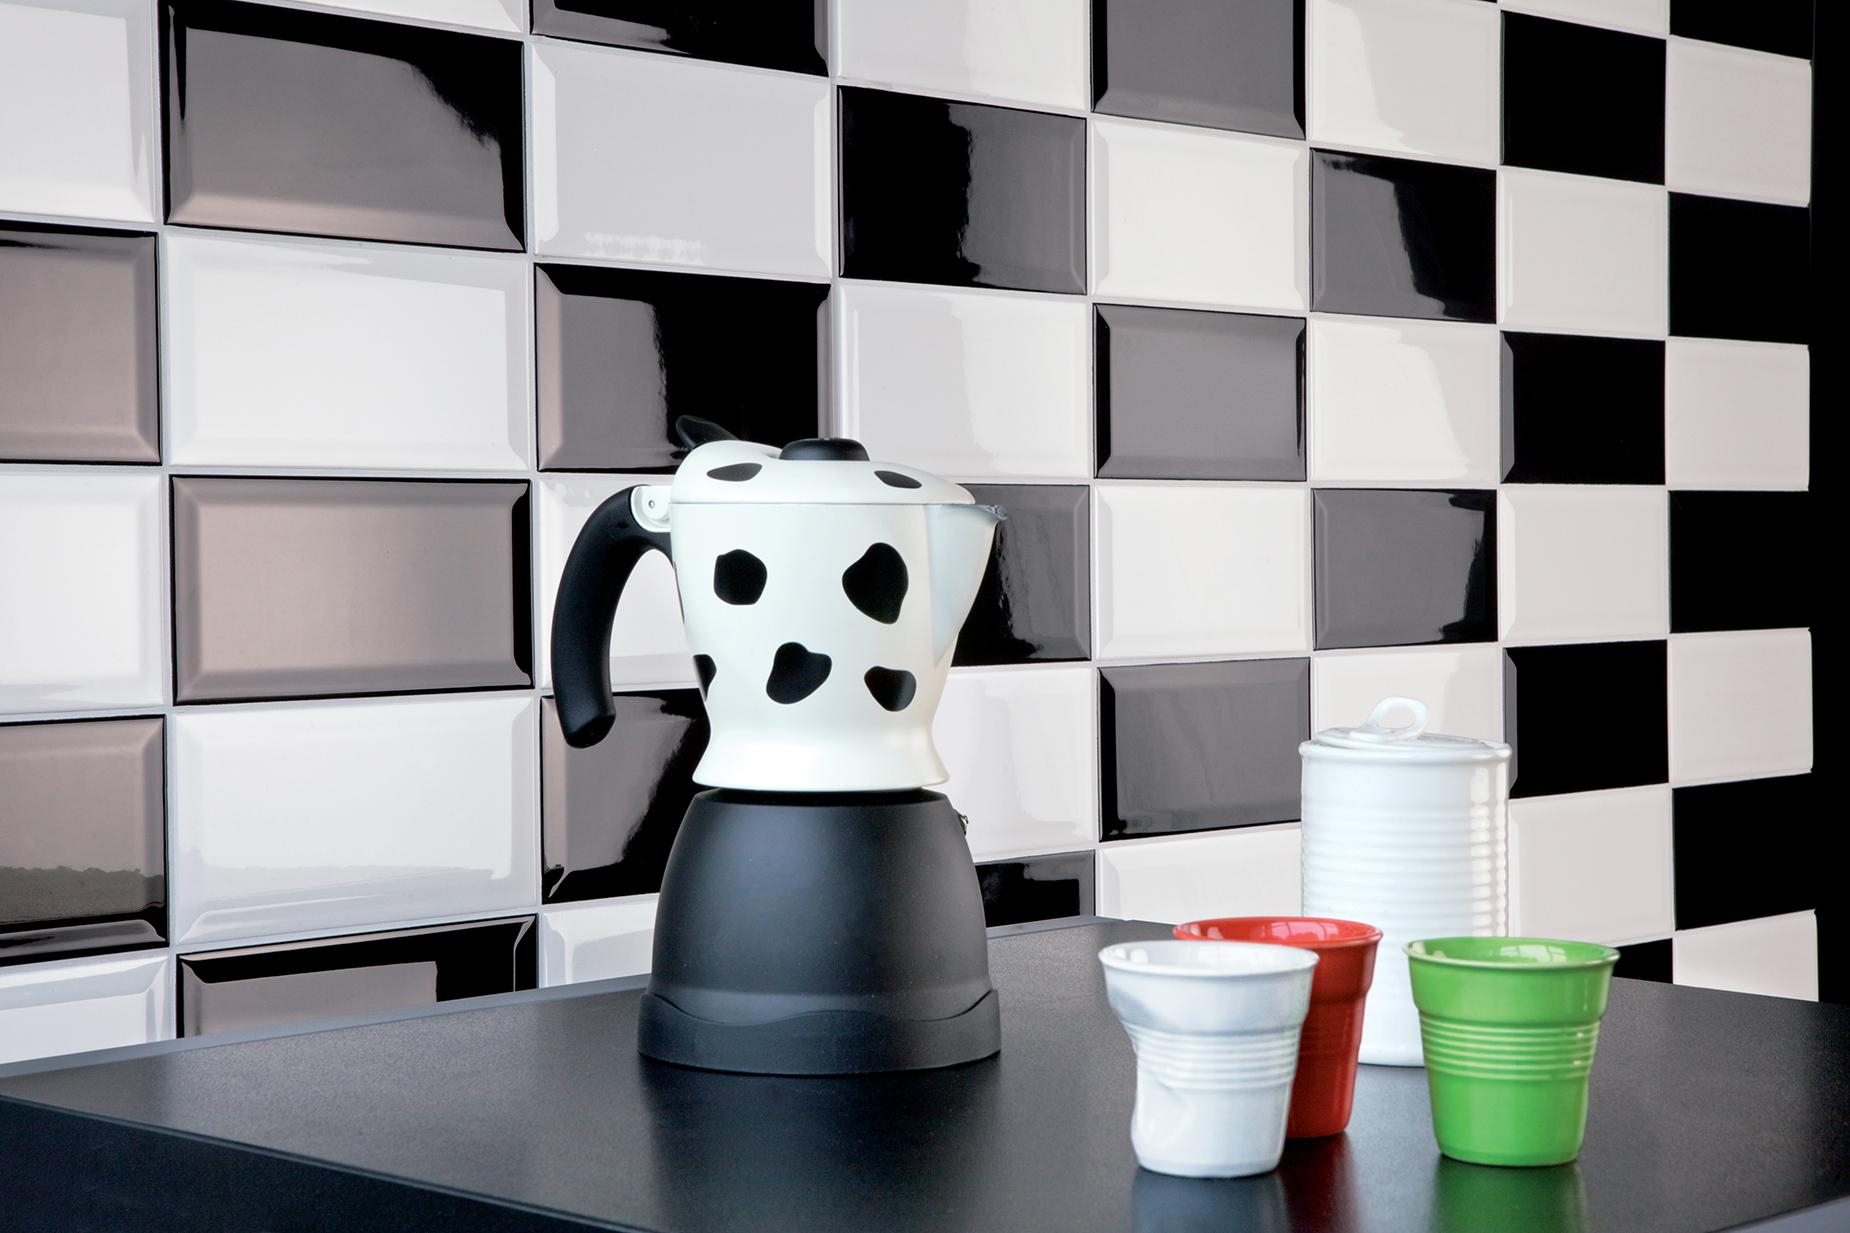 Serie phormae pavimenti e rivestimenti moda for Rivestimento cucina